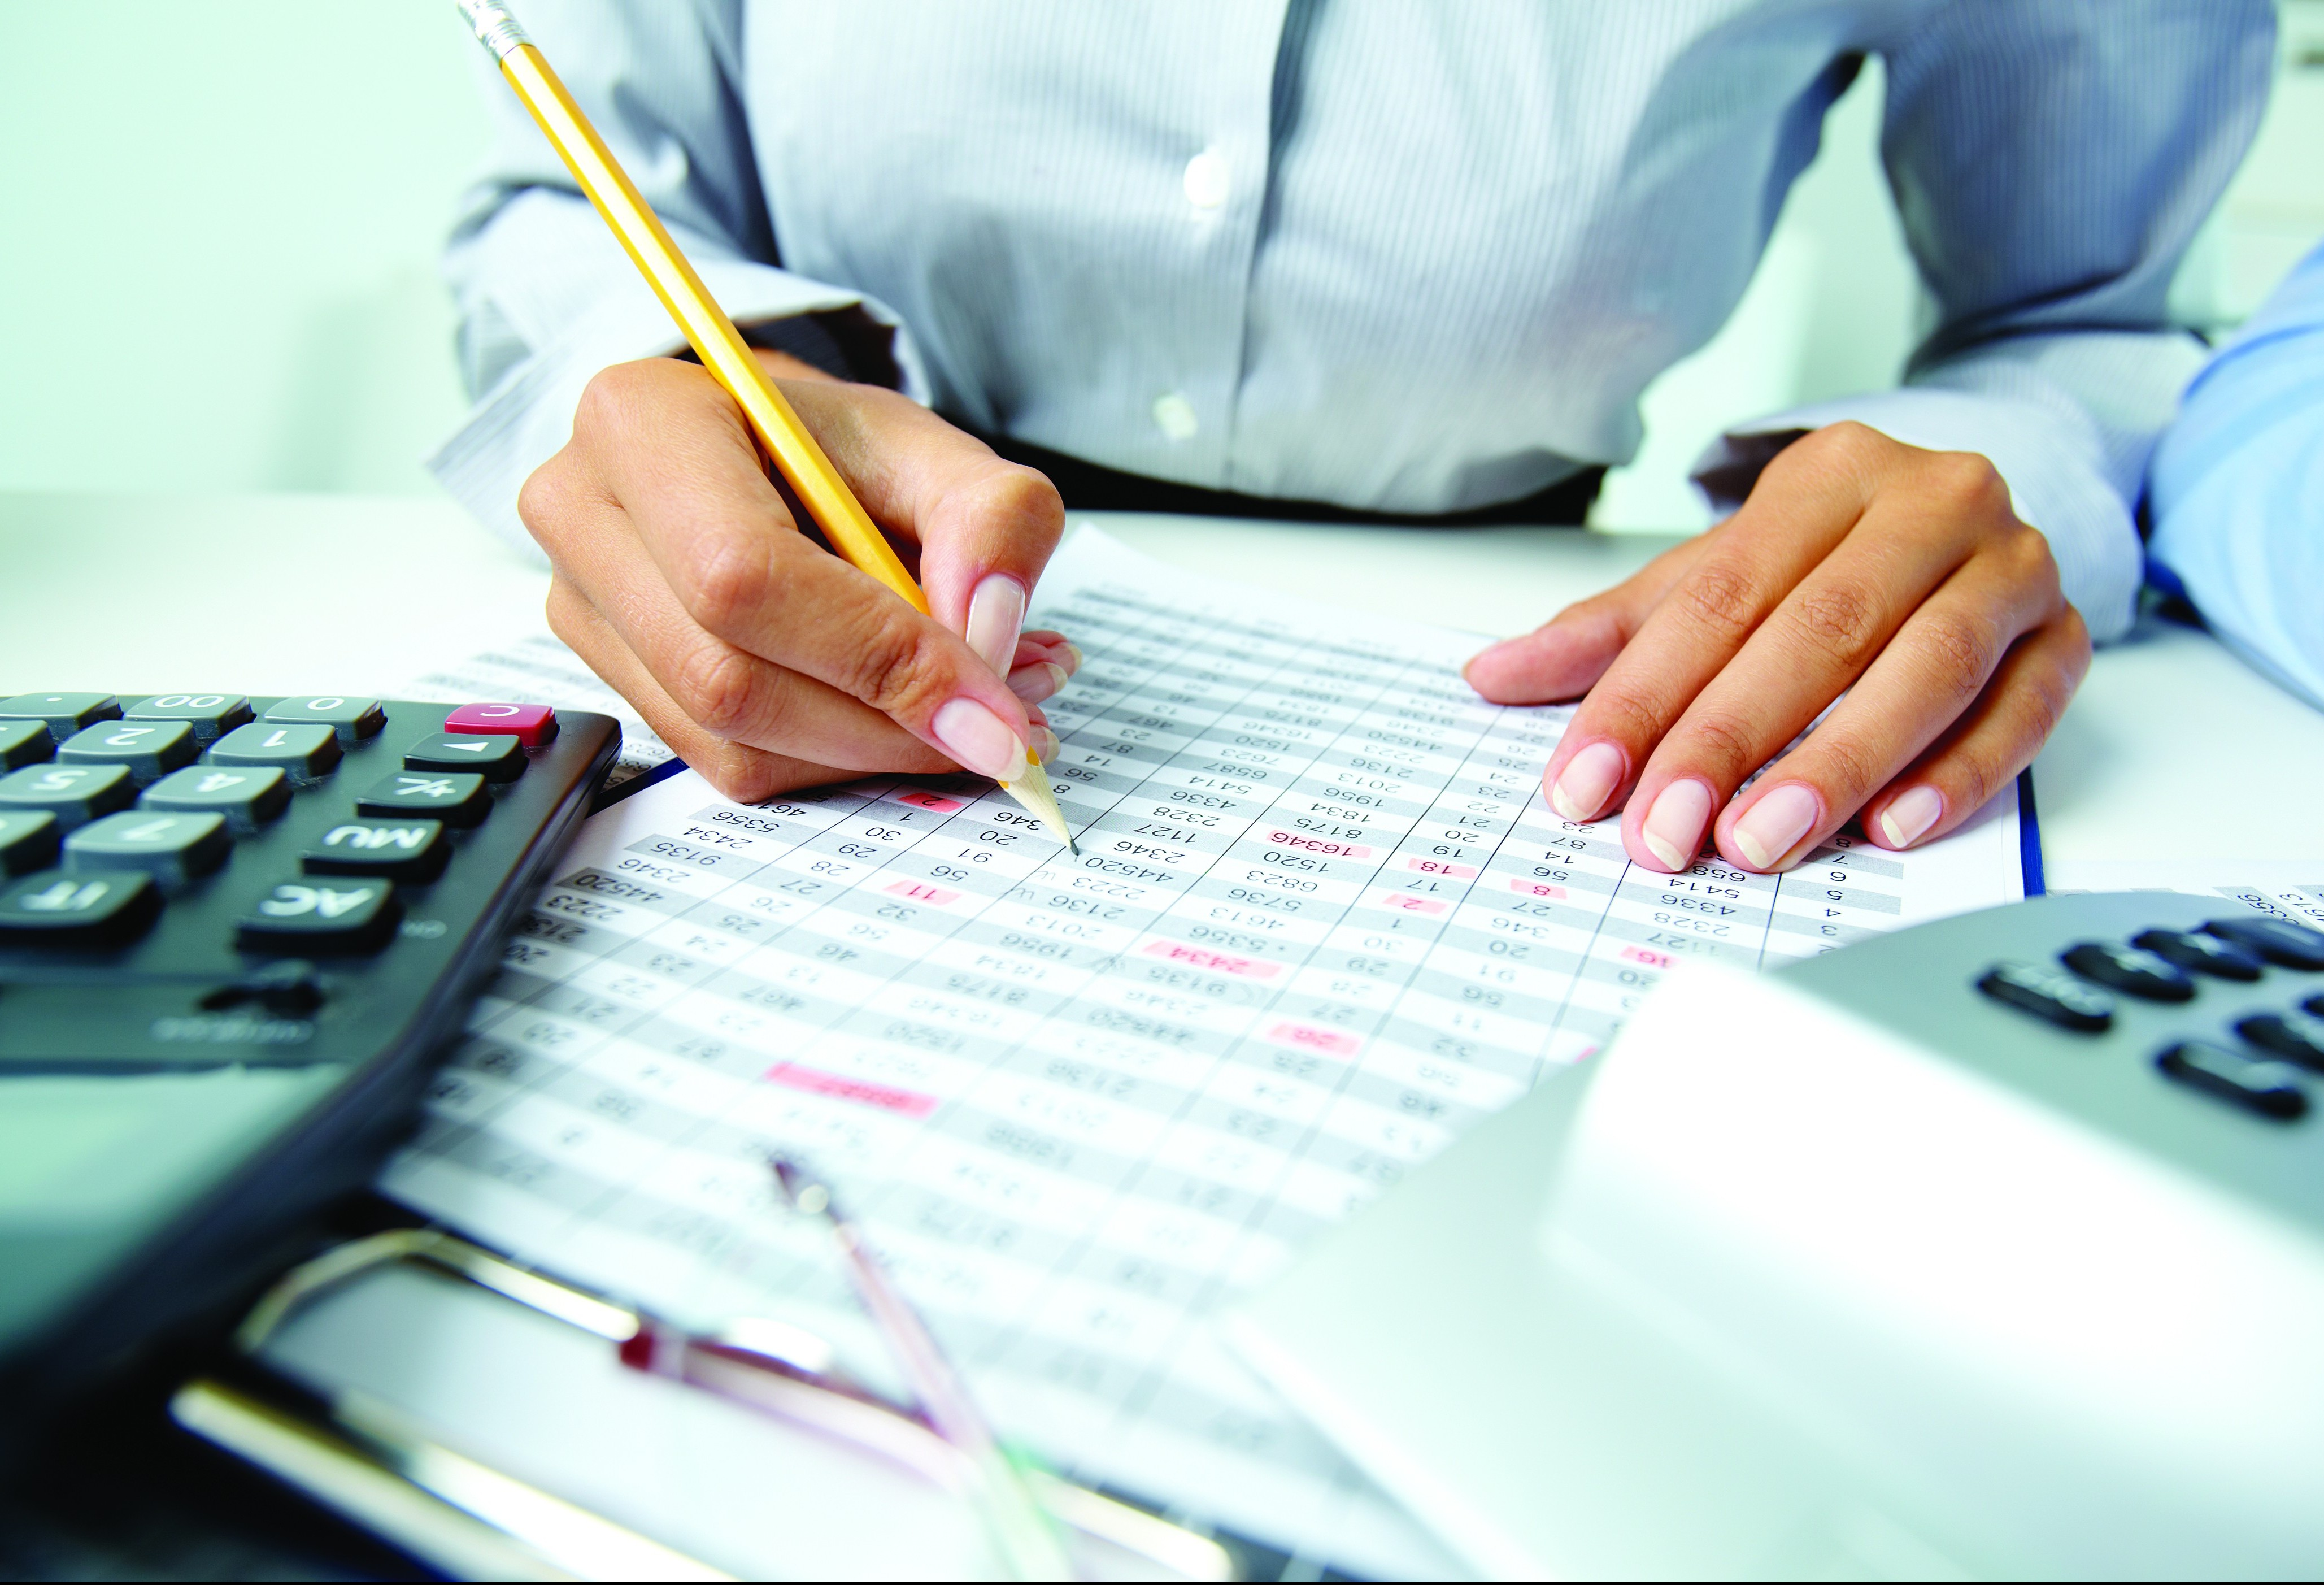 Pausas durante a semana podem ser importantes para organização financeira